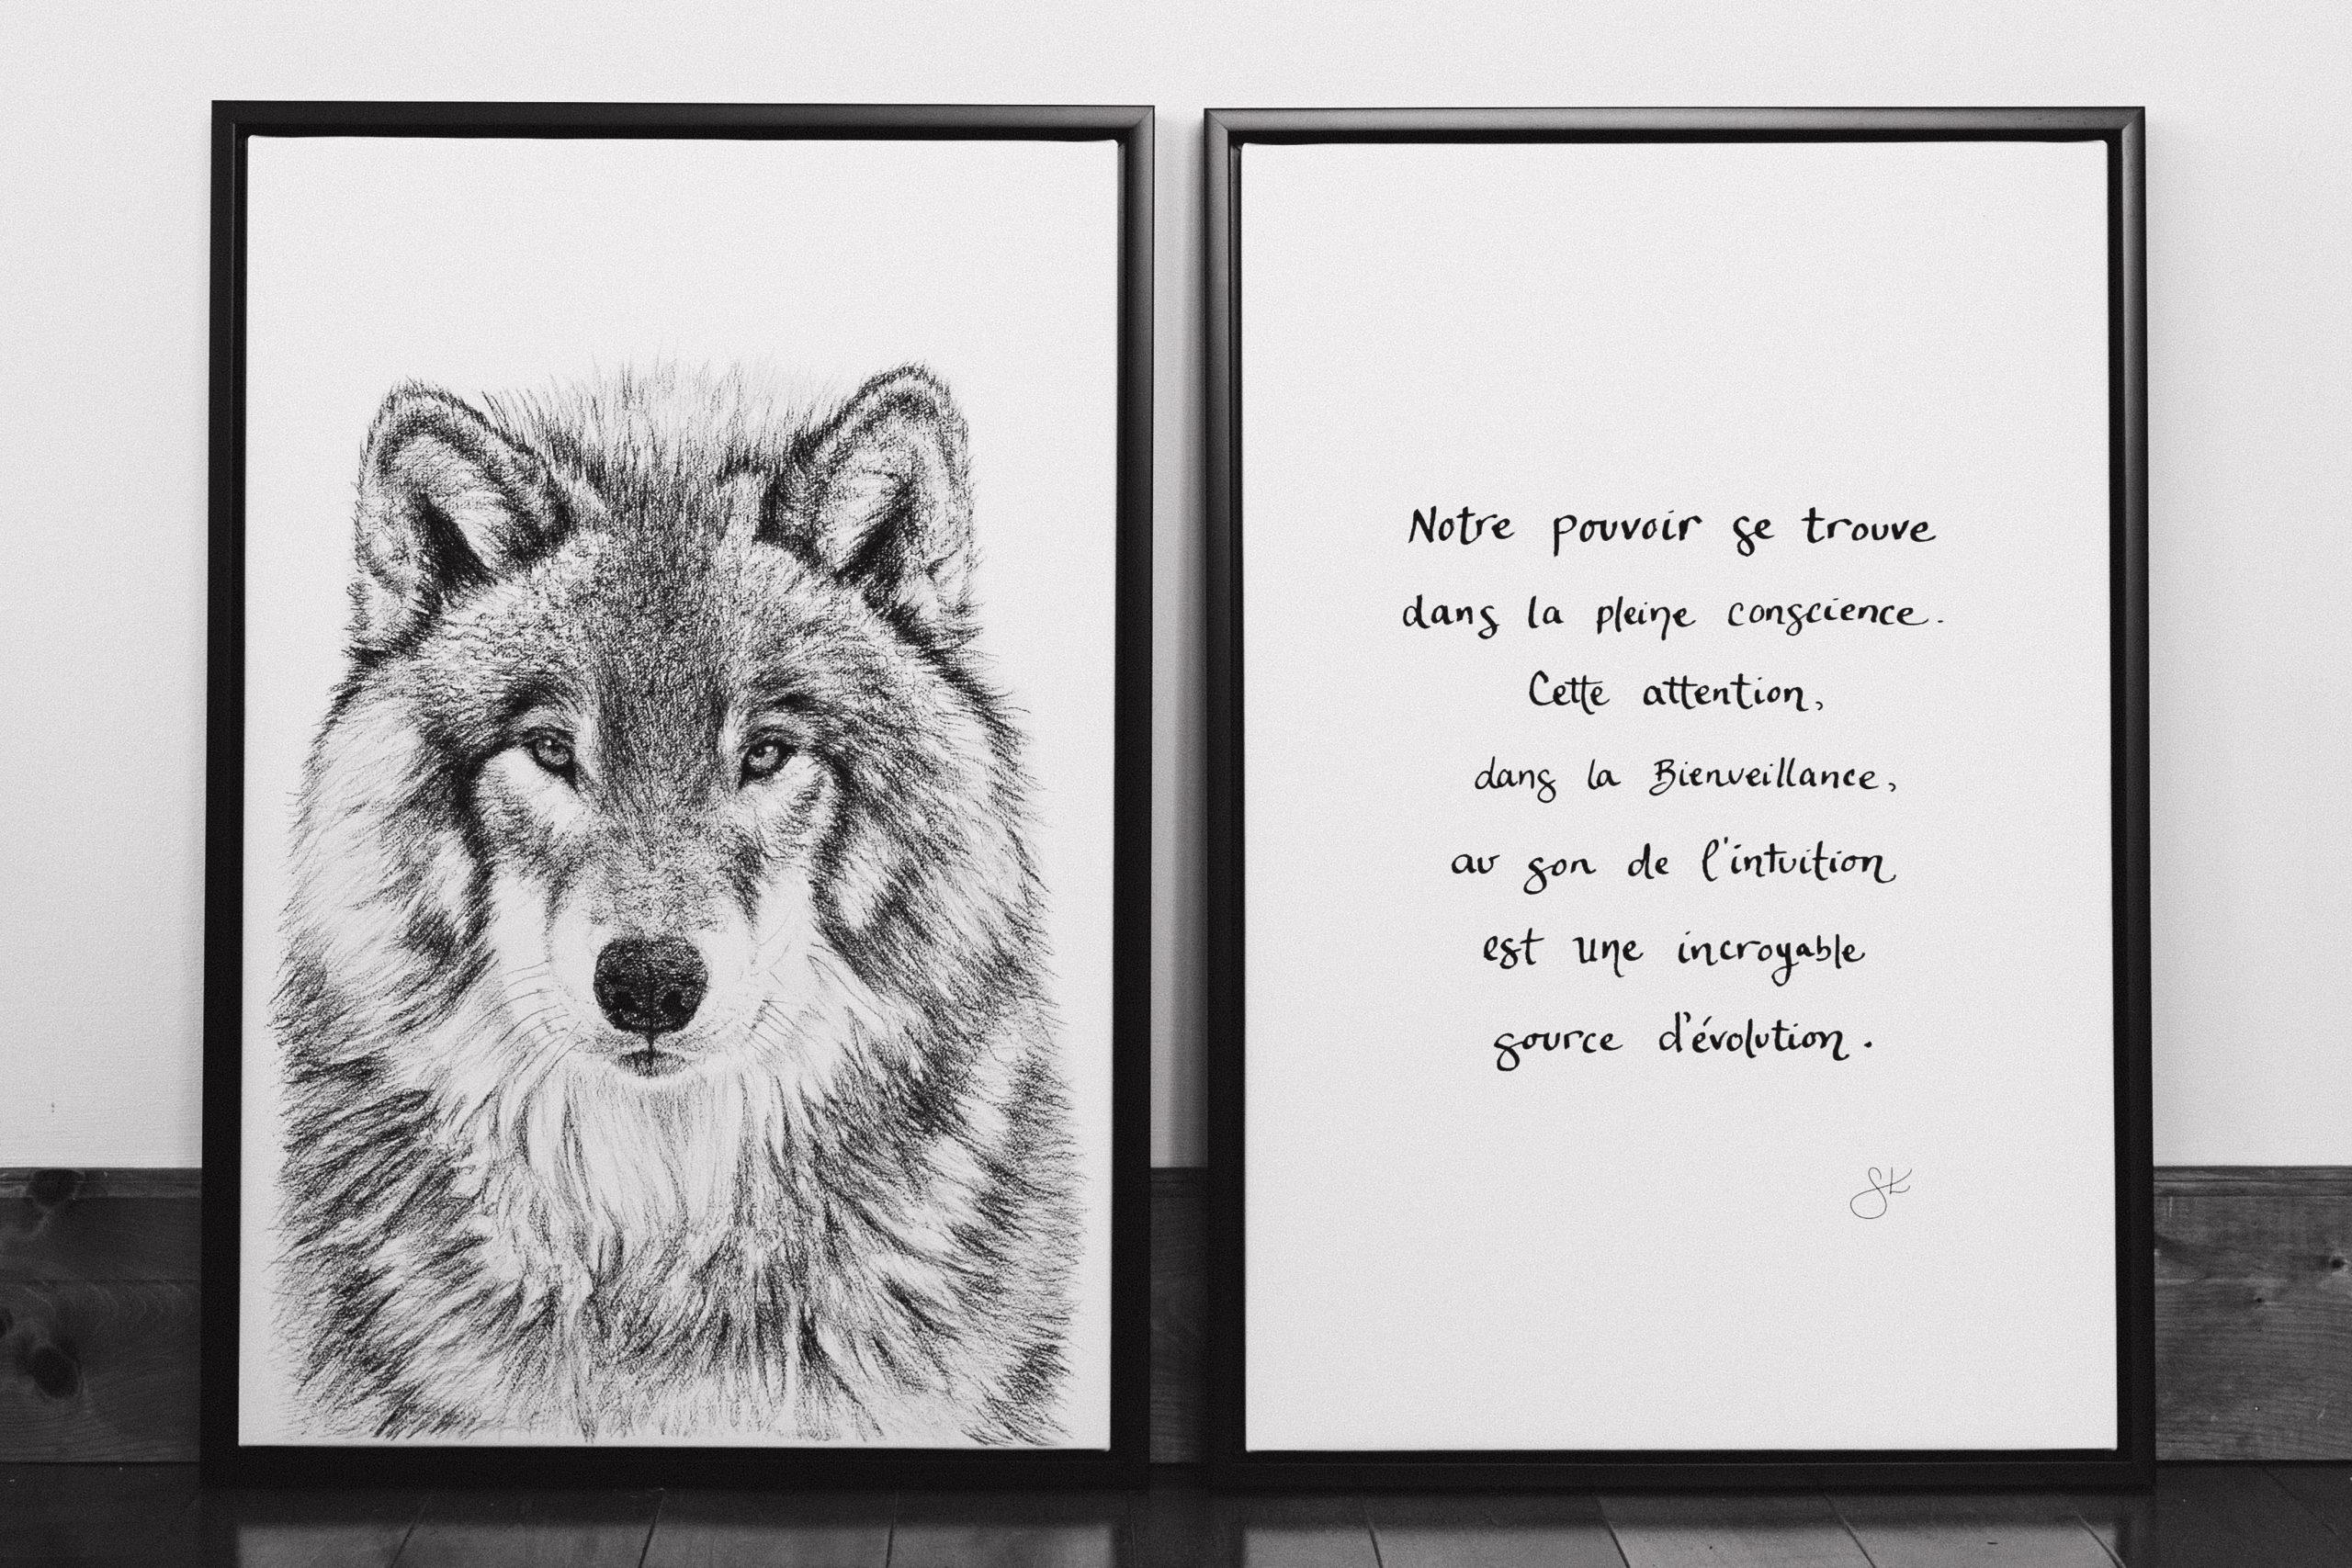 Le Loup et La pleine conscience